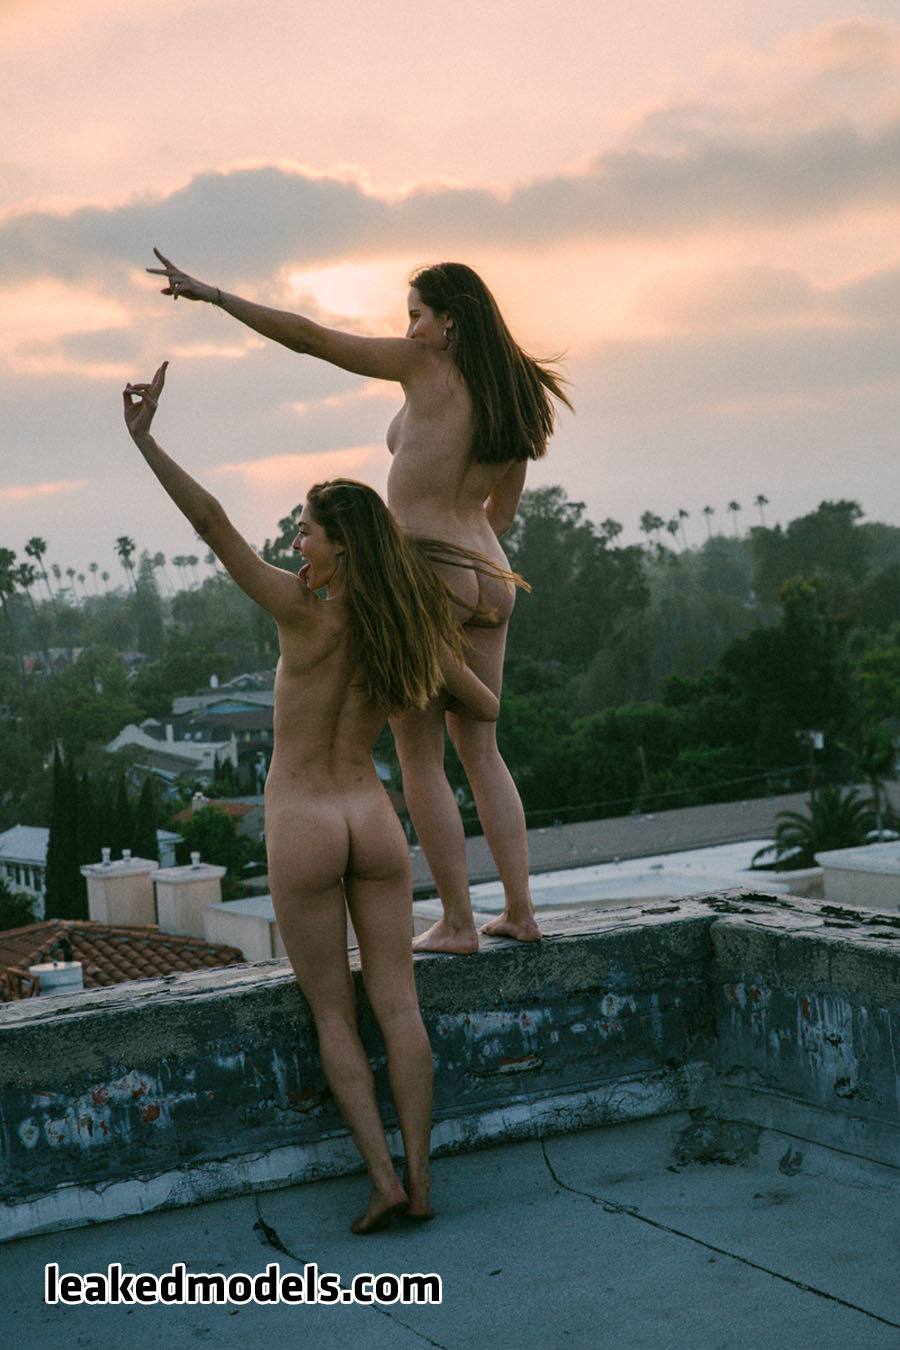 Stav Ben Zur Instagram Nude Leaks (19 Photos)